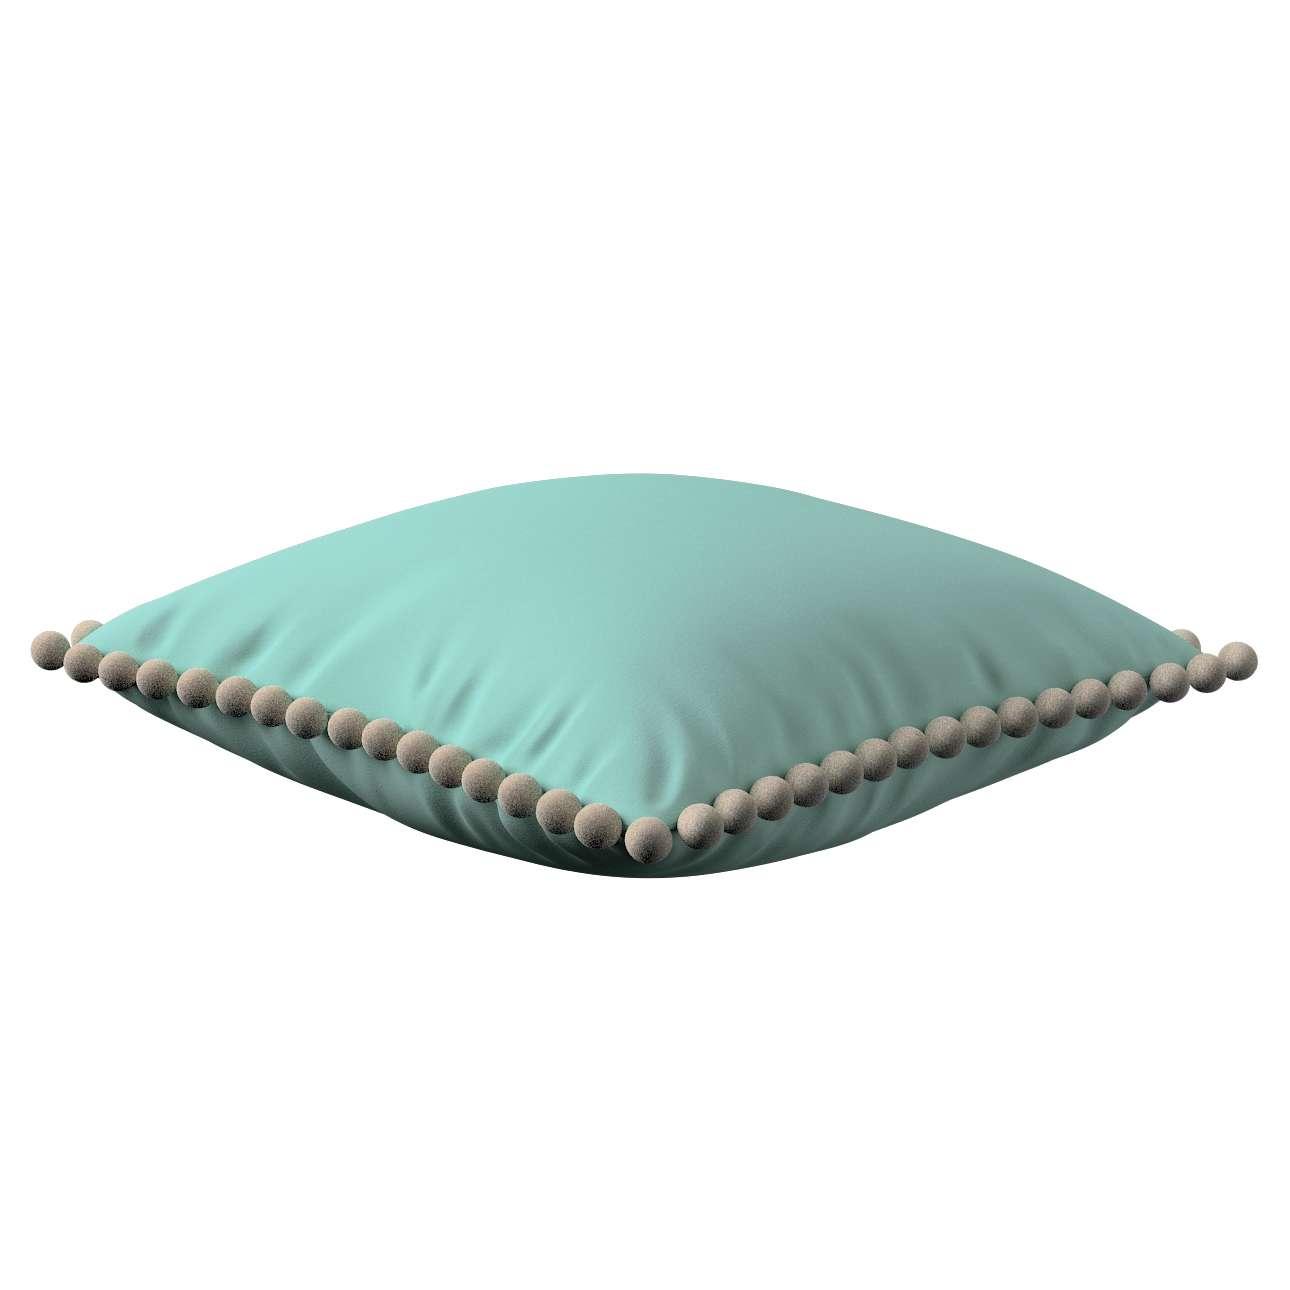 Wera dekoratyvinės pagalvėlės užvalkalas su žaismingais kraštais 45 x 45 cm kolekcijoje Loneta , audinys: 133-32